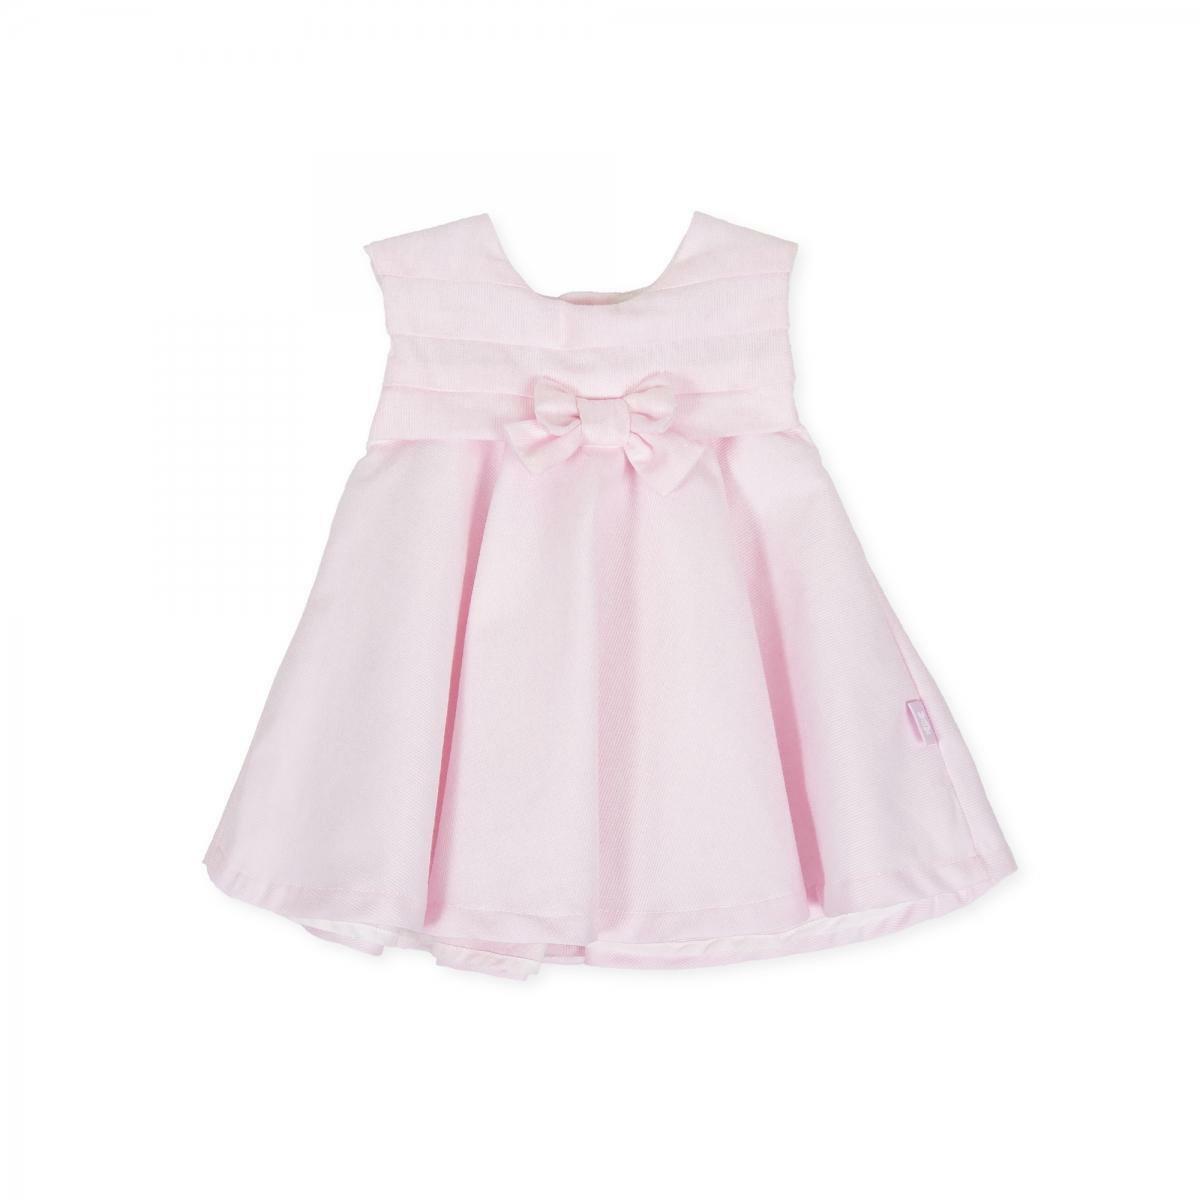 tutto piccolo tutto piccolo vestitino bambina rosa 8414s201